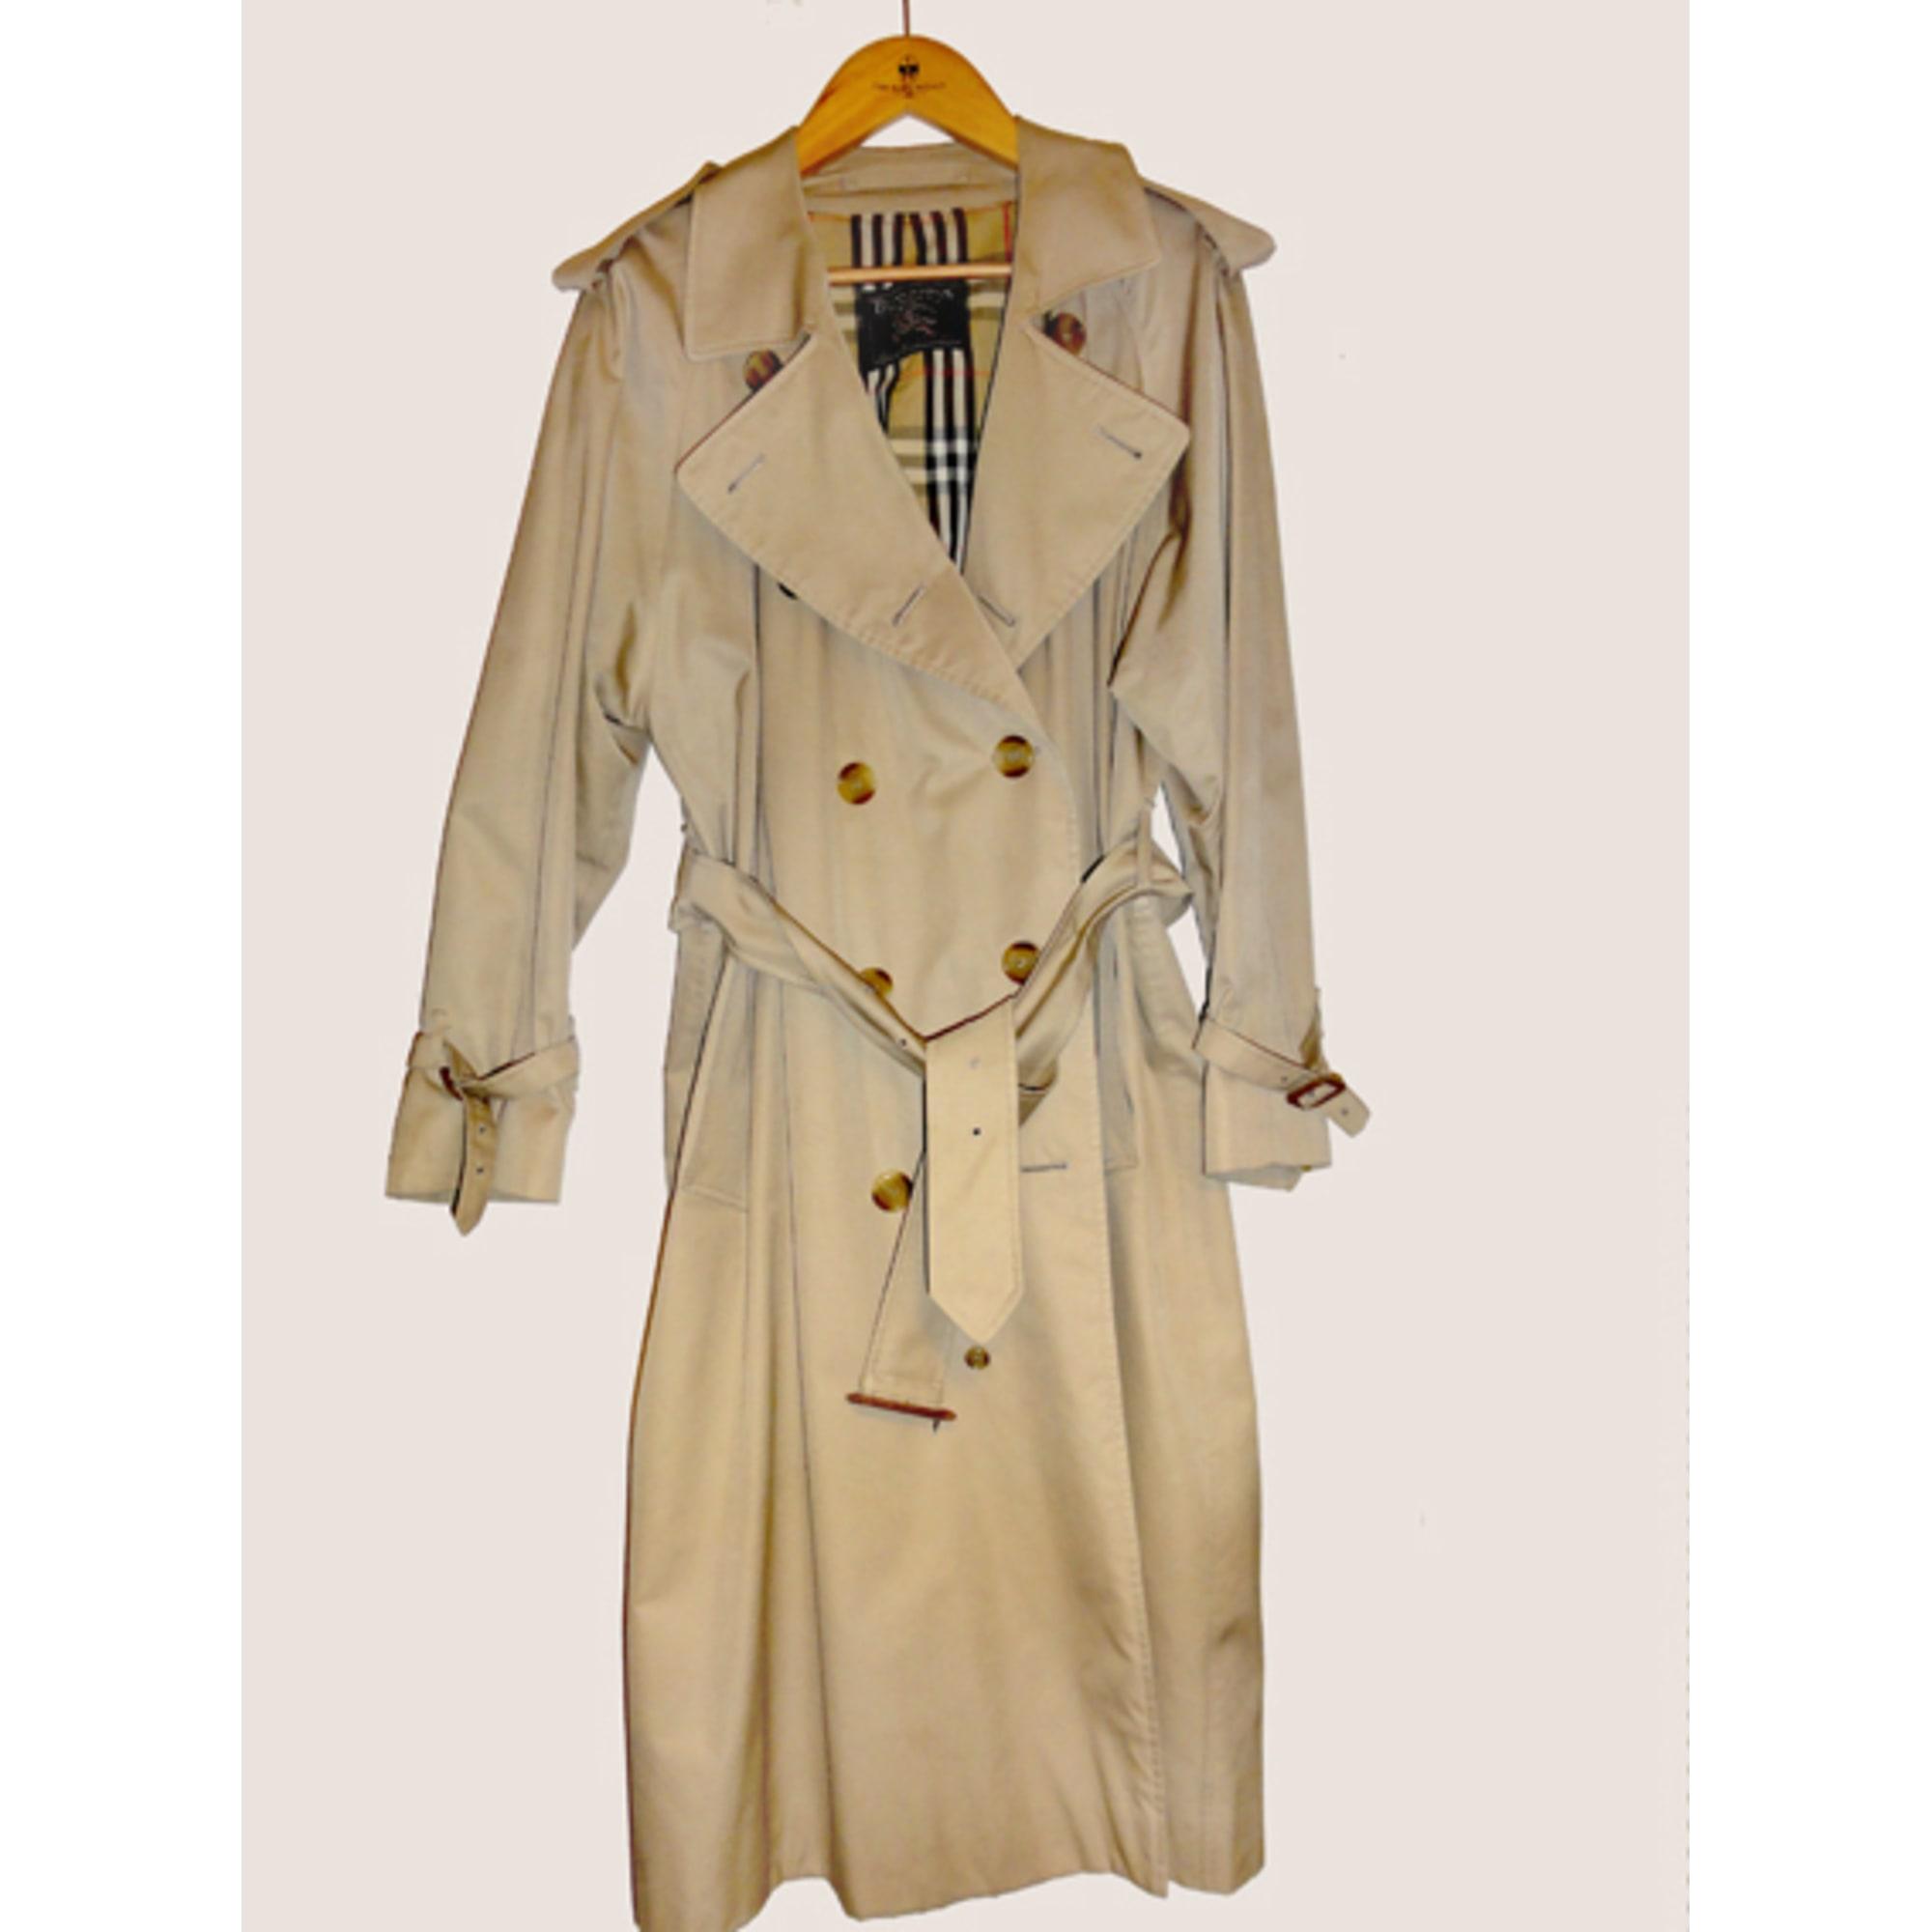 Imperméable, trench BURBERRY 54 (L) beige vendu par Shopname269030 ... 70976f7d27d